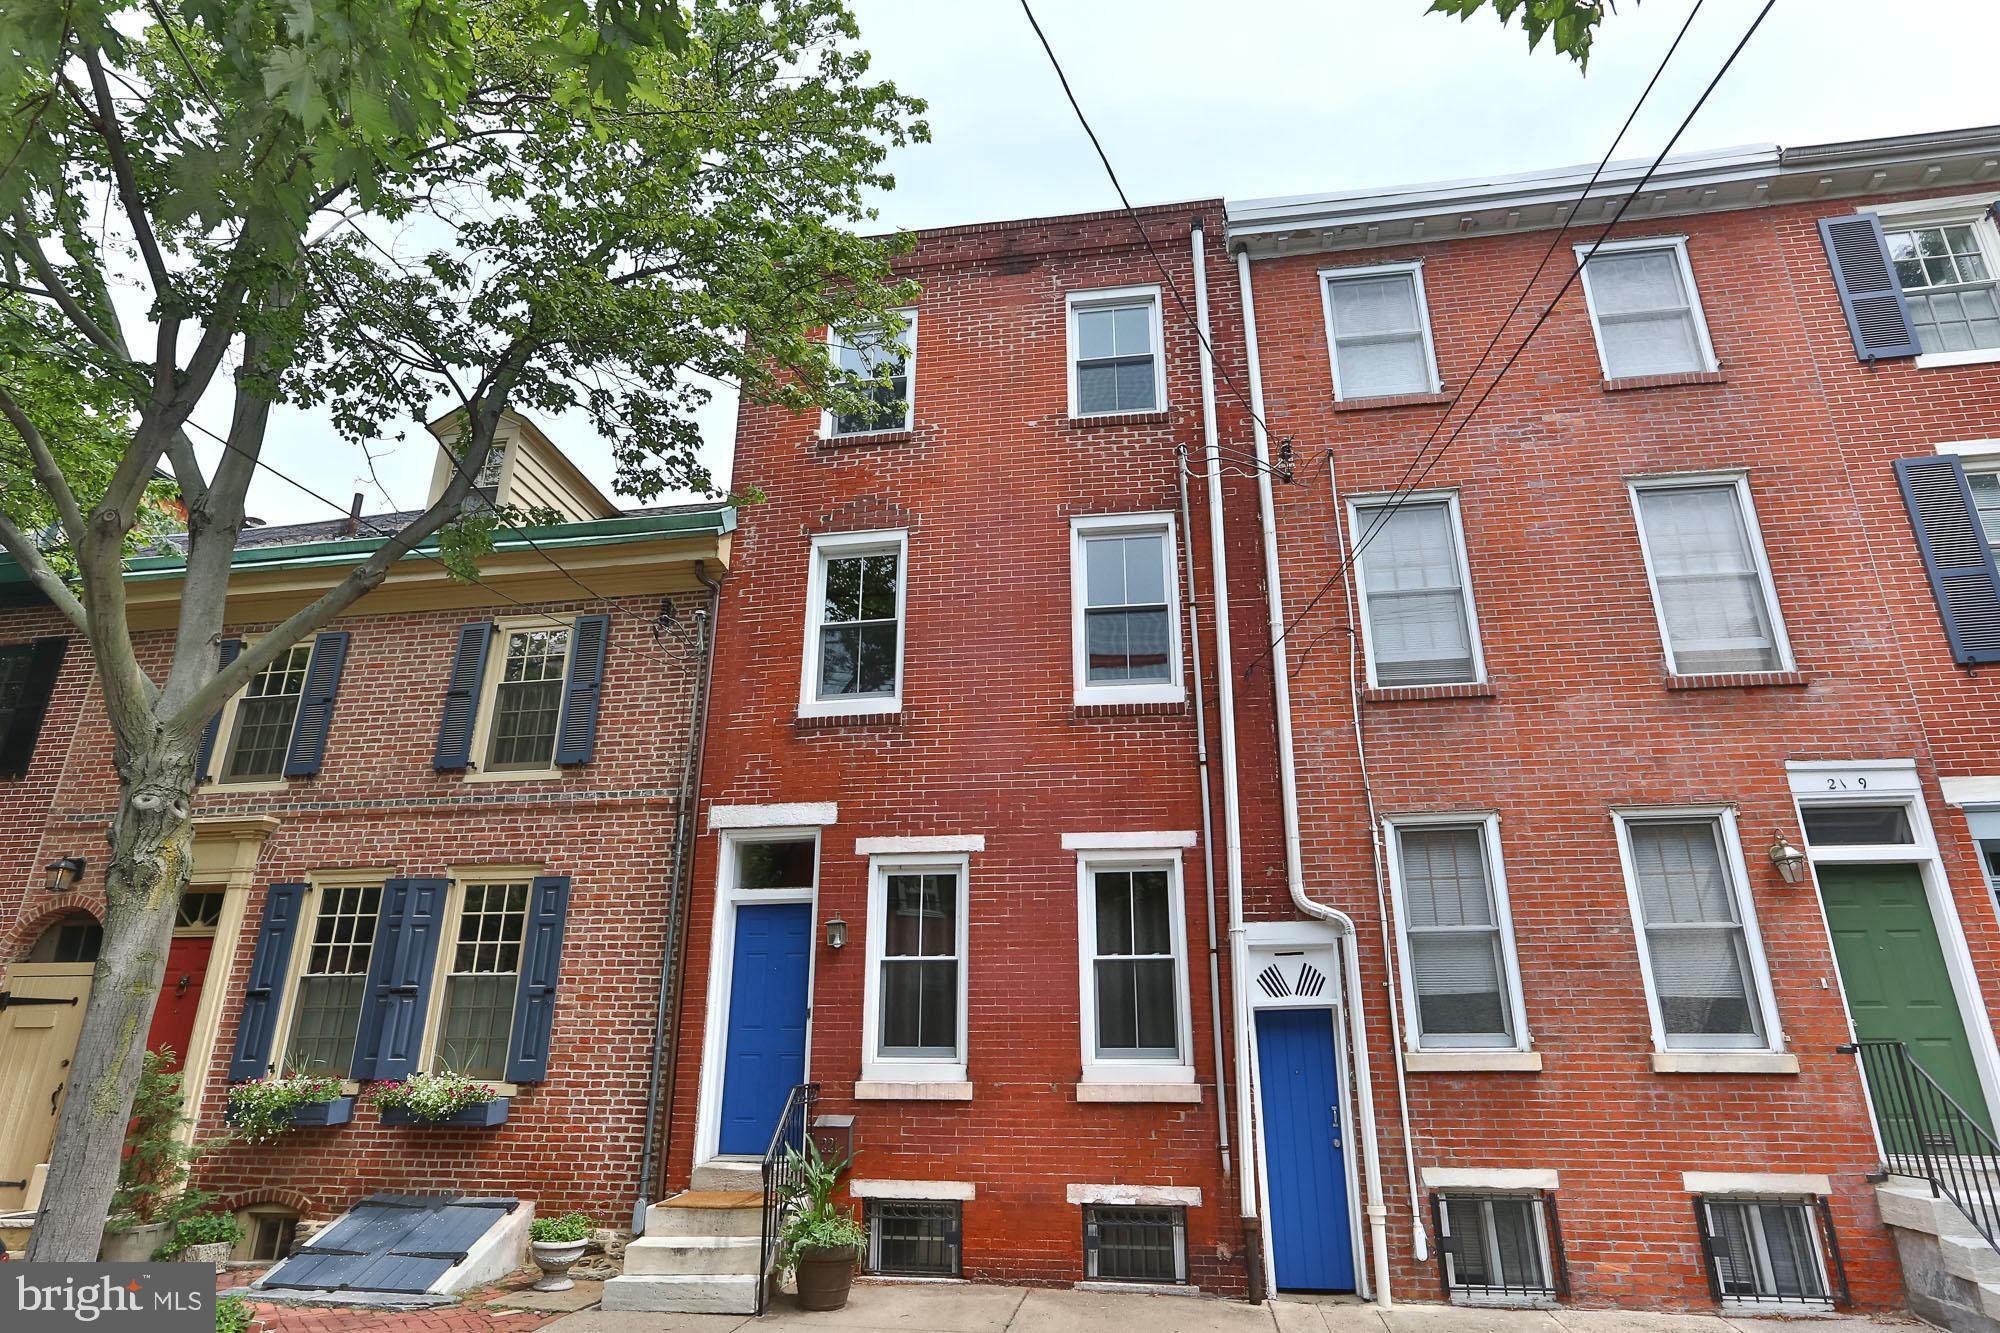 221 Monroe St, Philadelphia, PA, 19147